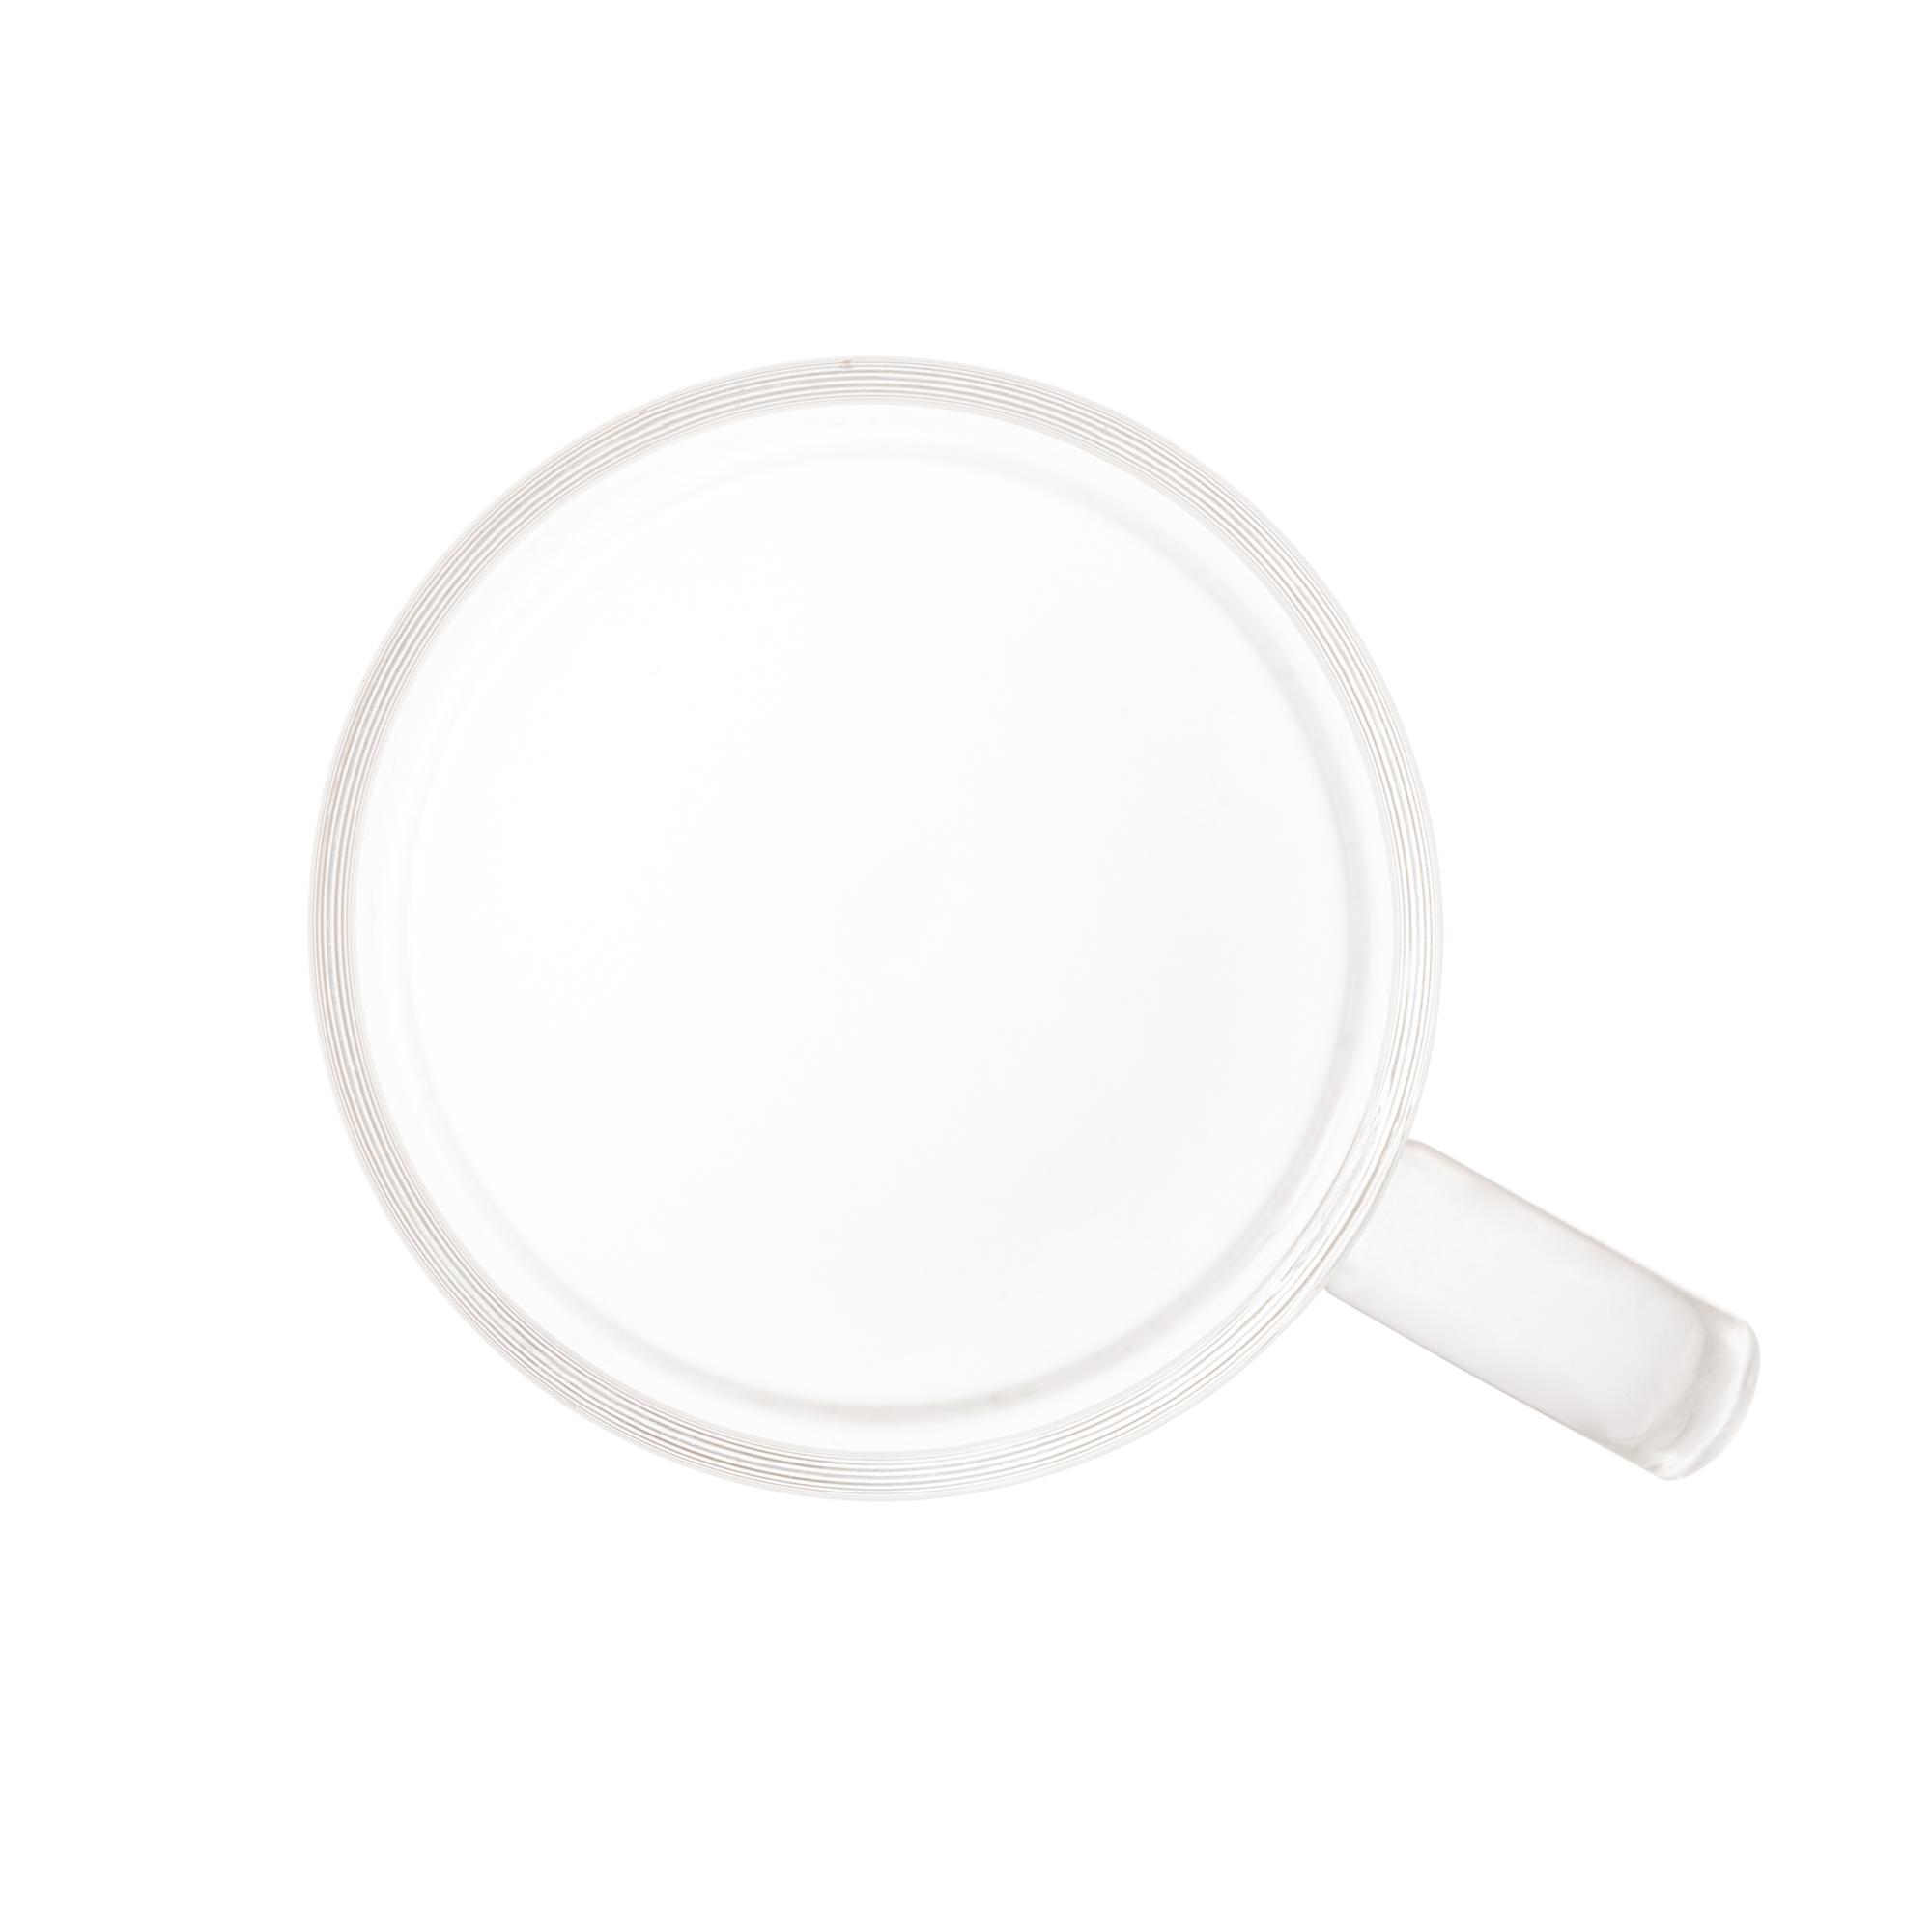 Conjunto de 6 canecas de Vidro Borossilicato resistente a calor 125 ml